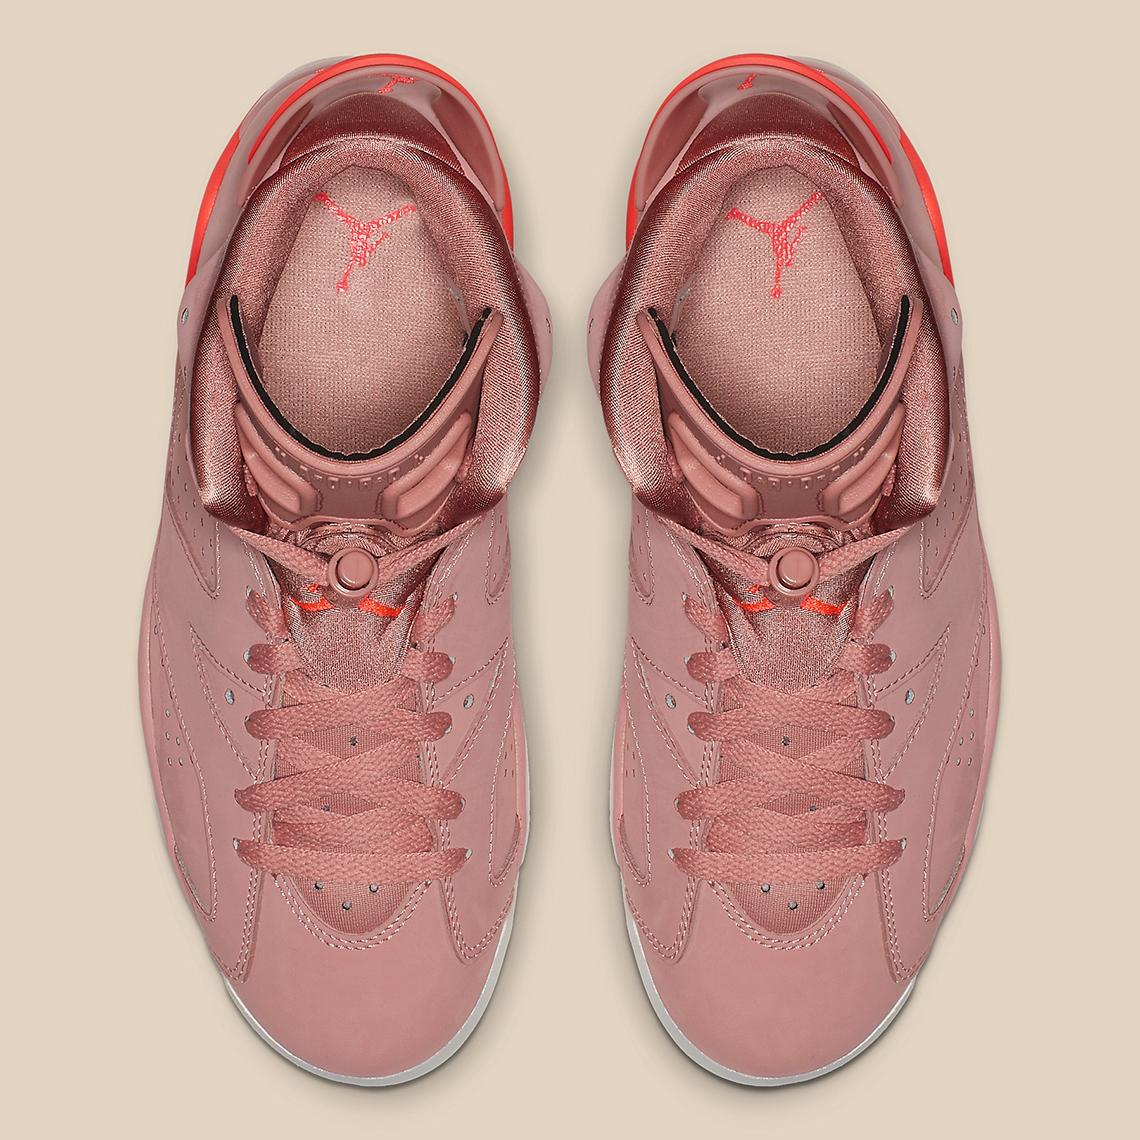 Aleali May x Air Jordan 6 xuất hiện hình ảnh chính thức